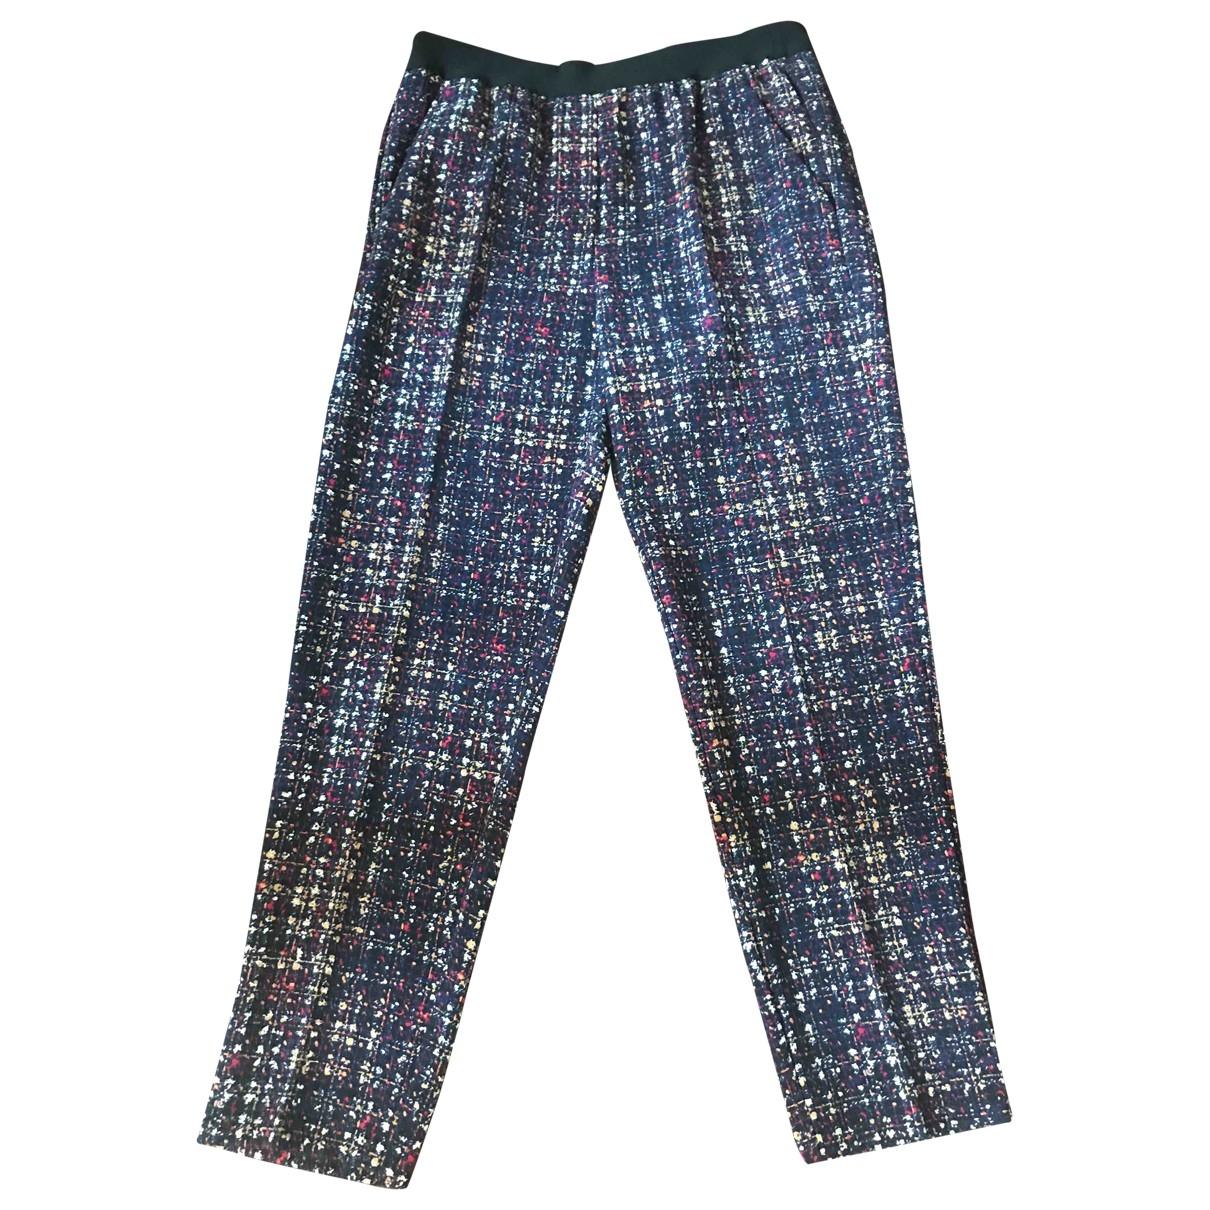 Jucca \N Trousers for Women 42 IT